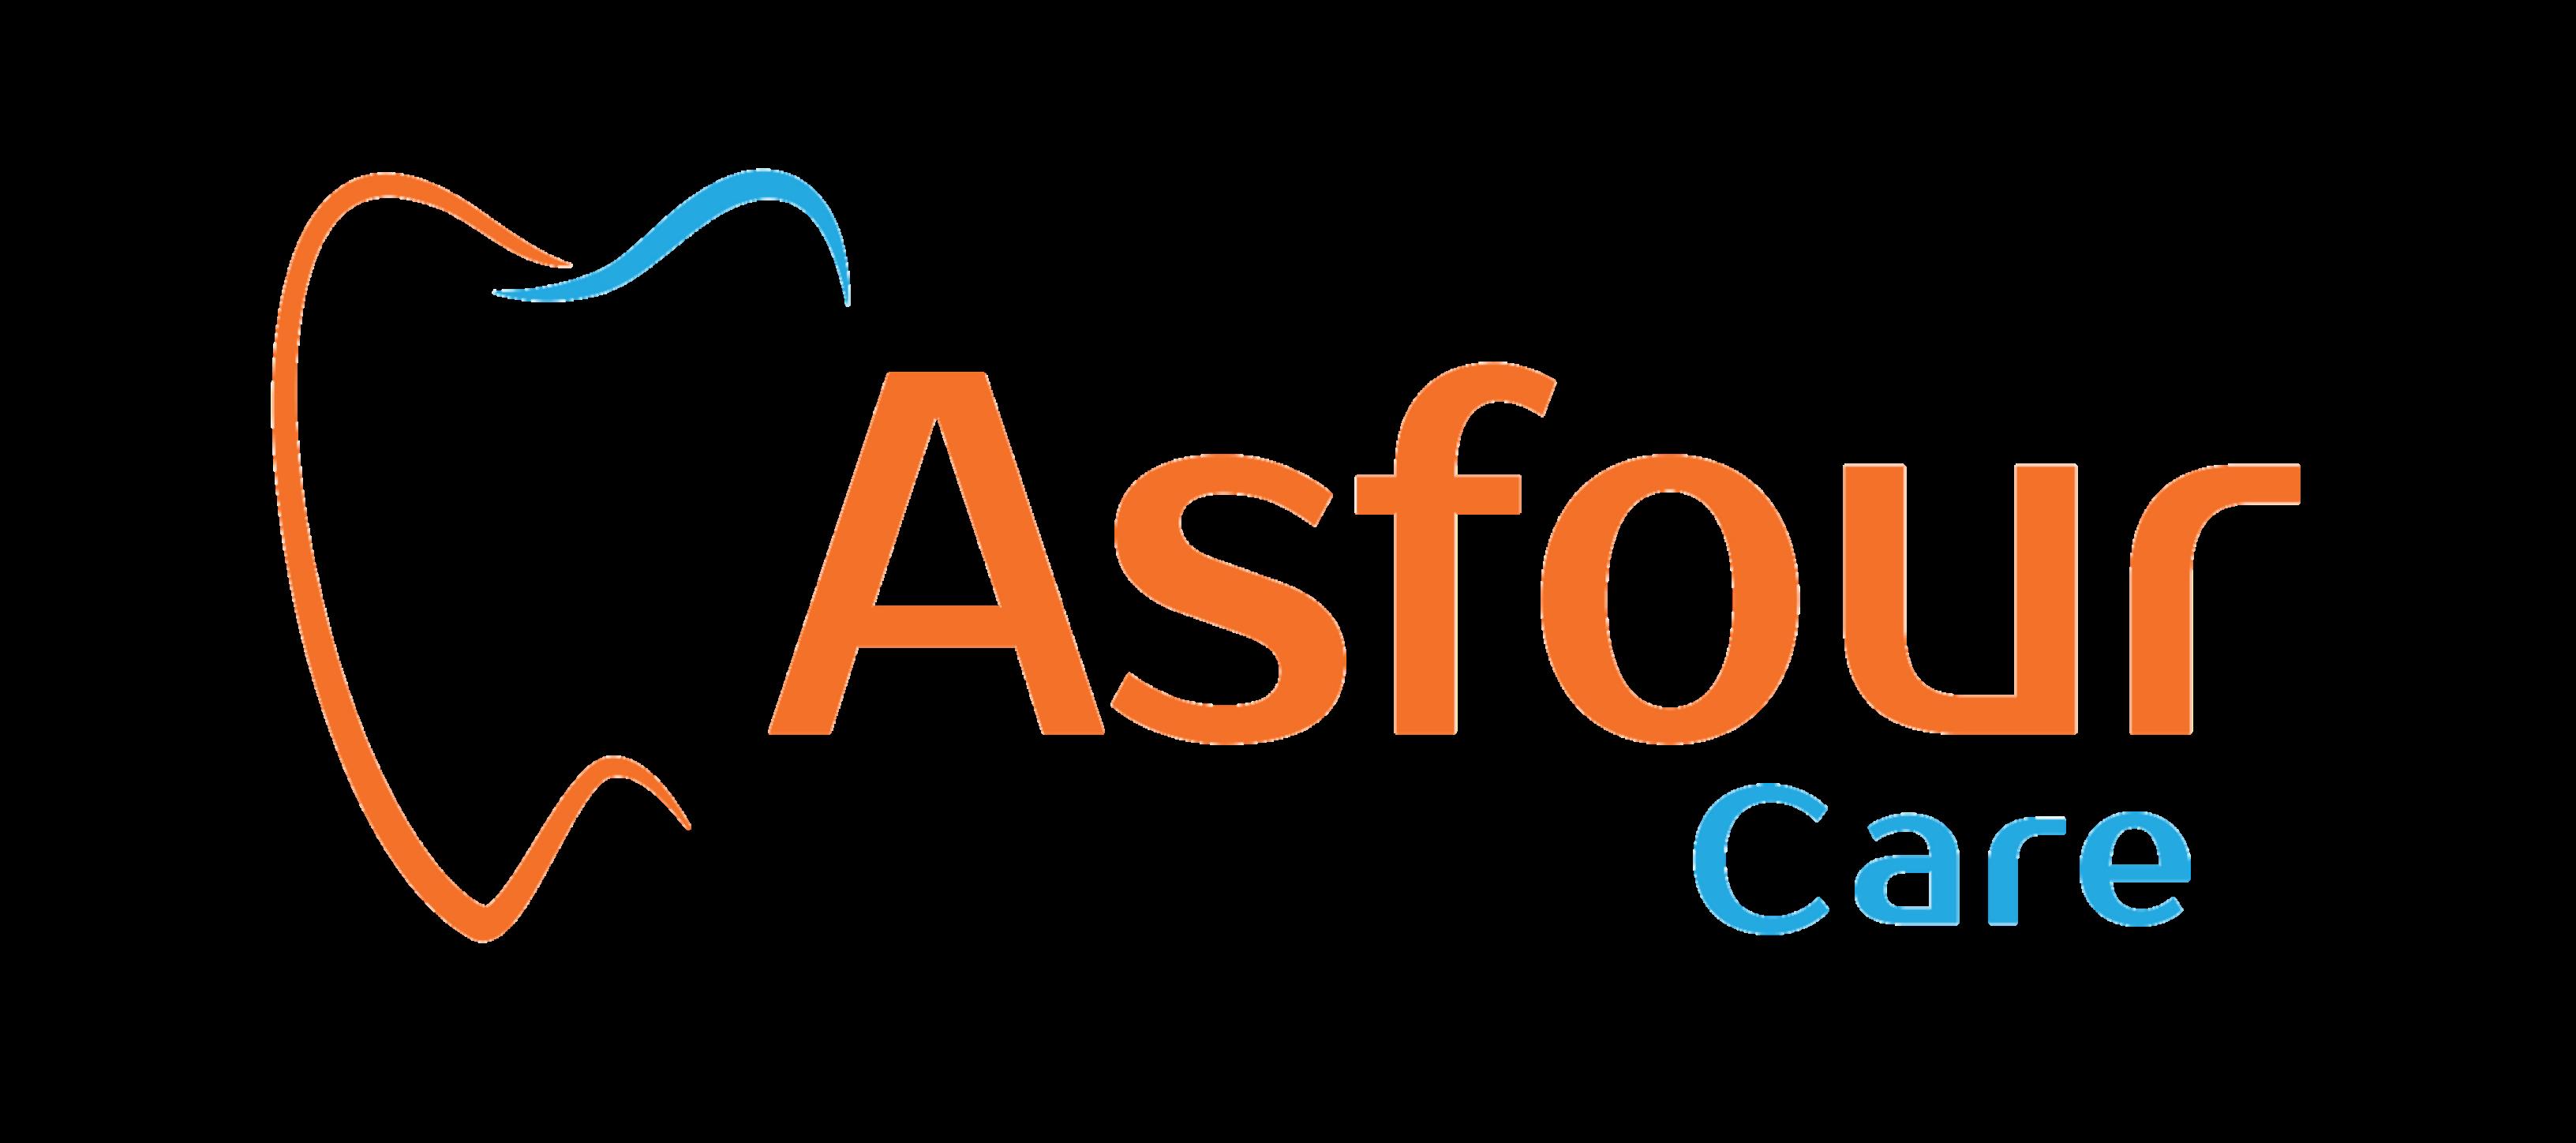 مركز العصفور الطبي مرج الحمام | Asfour care